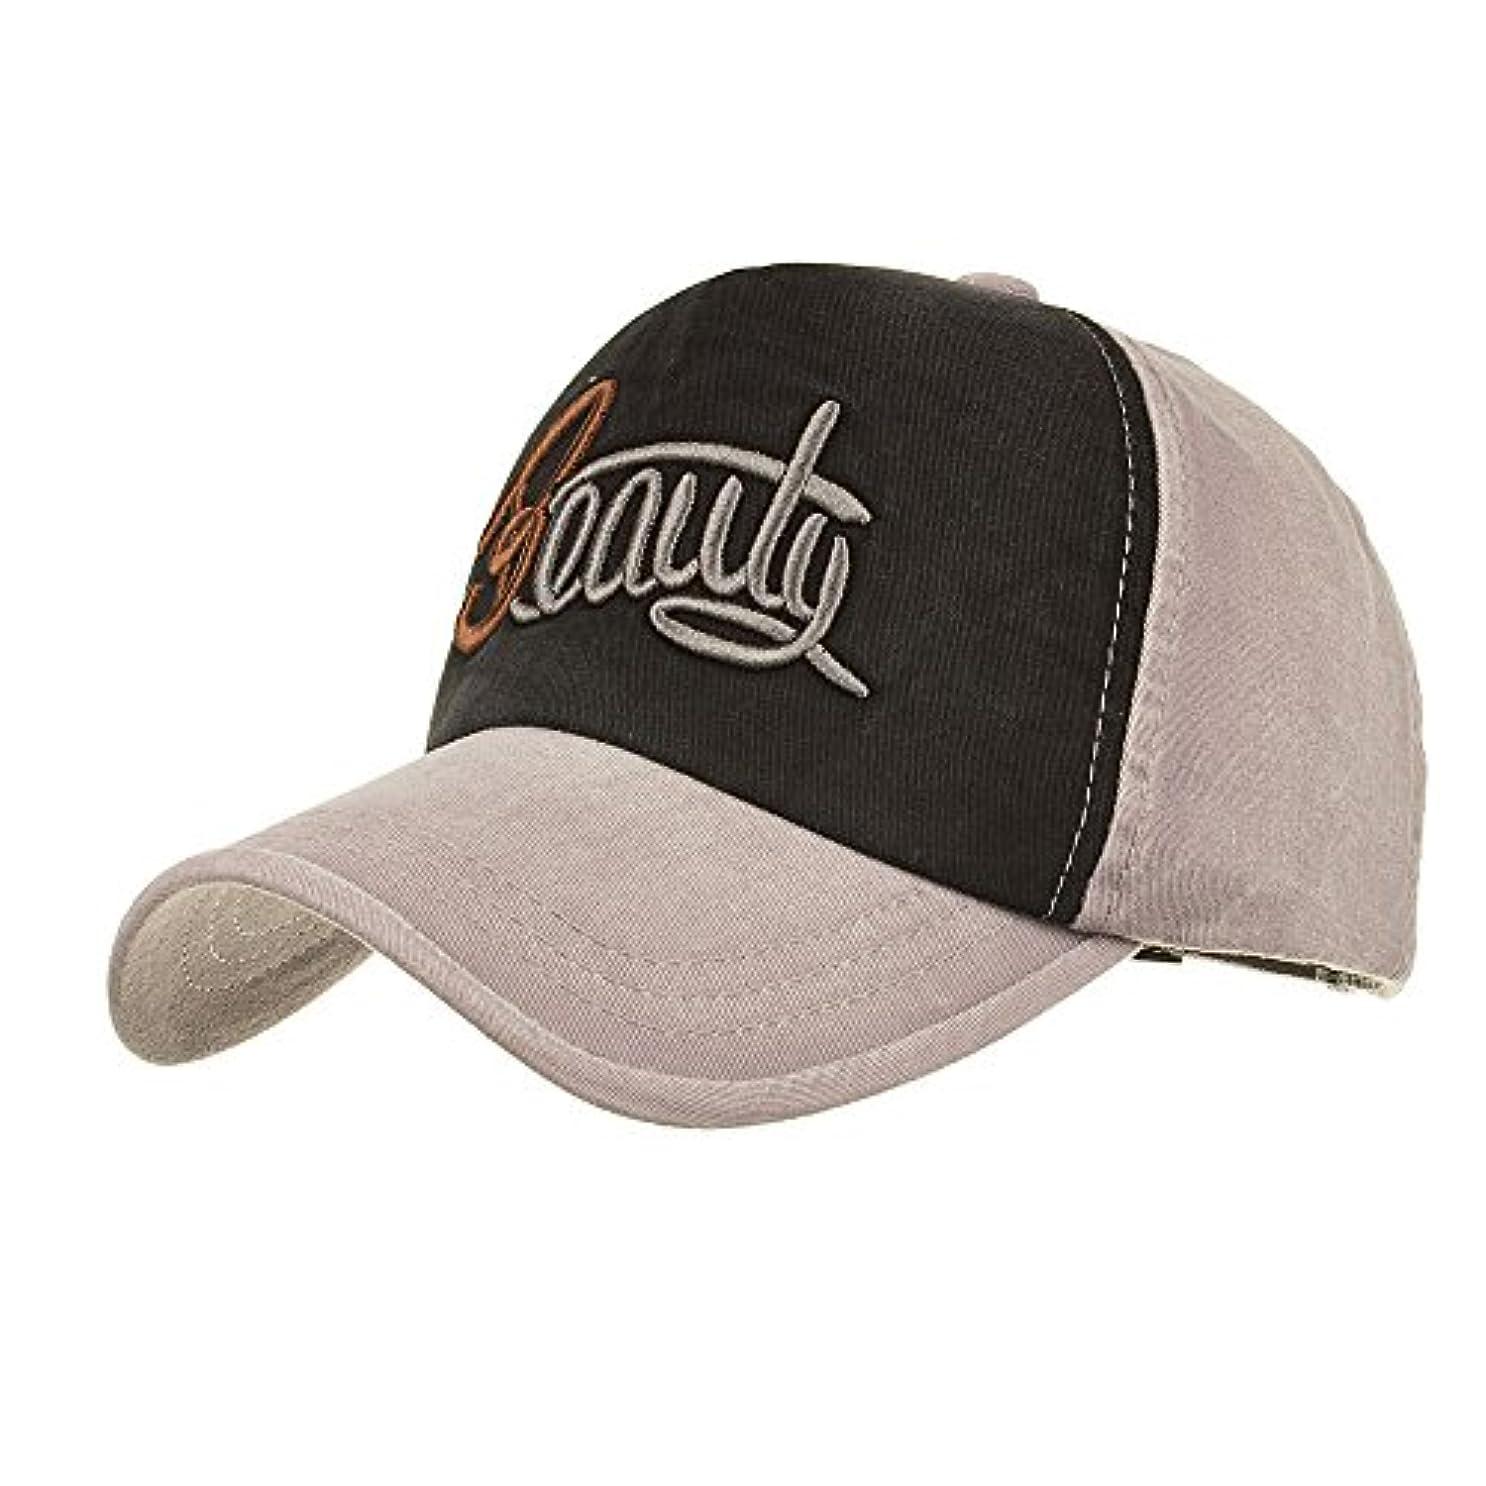 目指すより良いファンブルRacazing Cap パッチワーク刺繍 ヒップホップ 野球帽 通気性のある 帽子 夏 登山 可調整可能 棒球帽 UV 帽子 軽量 屋外 Unisex Hat (グレー)